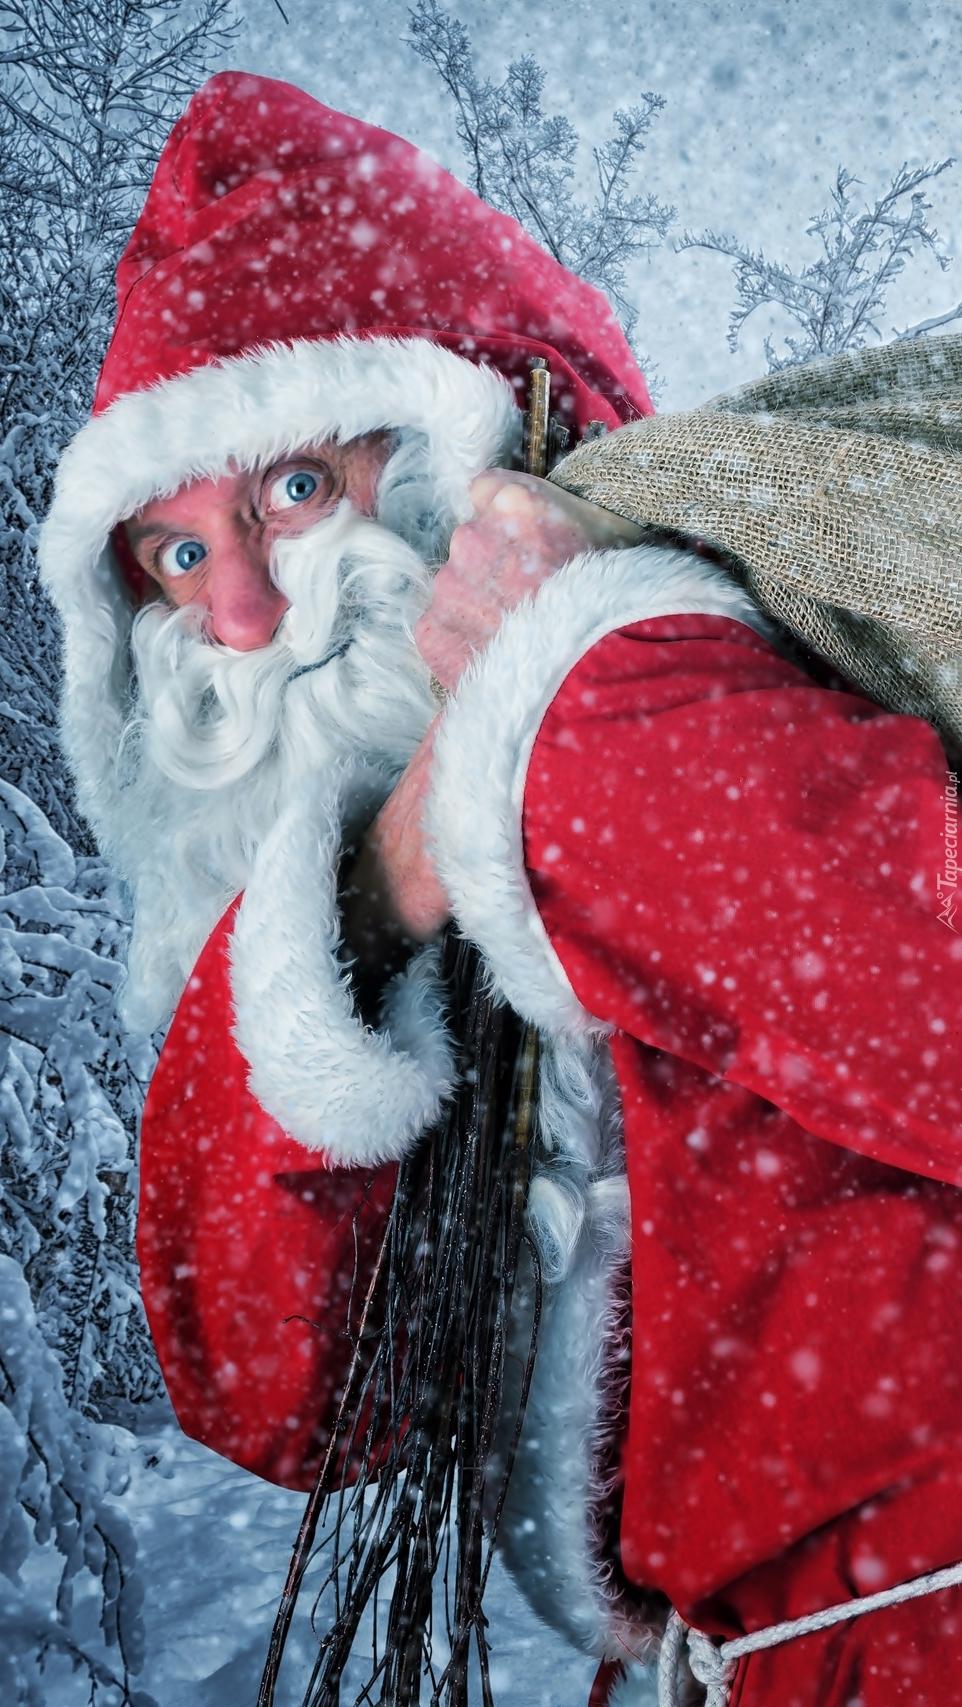 Mikołaj z rózgami i workiem